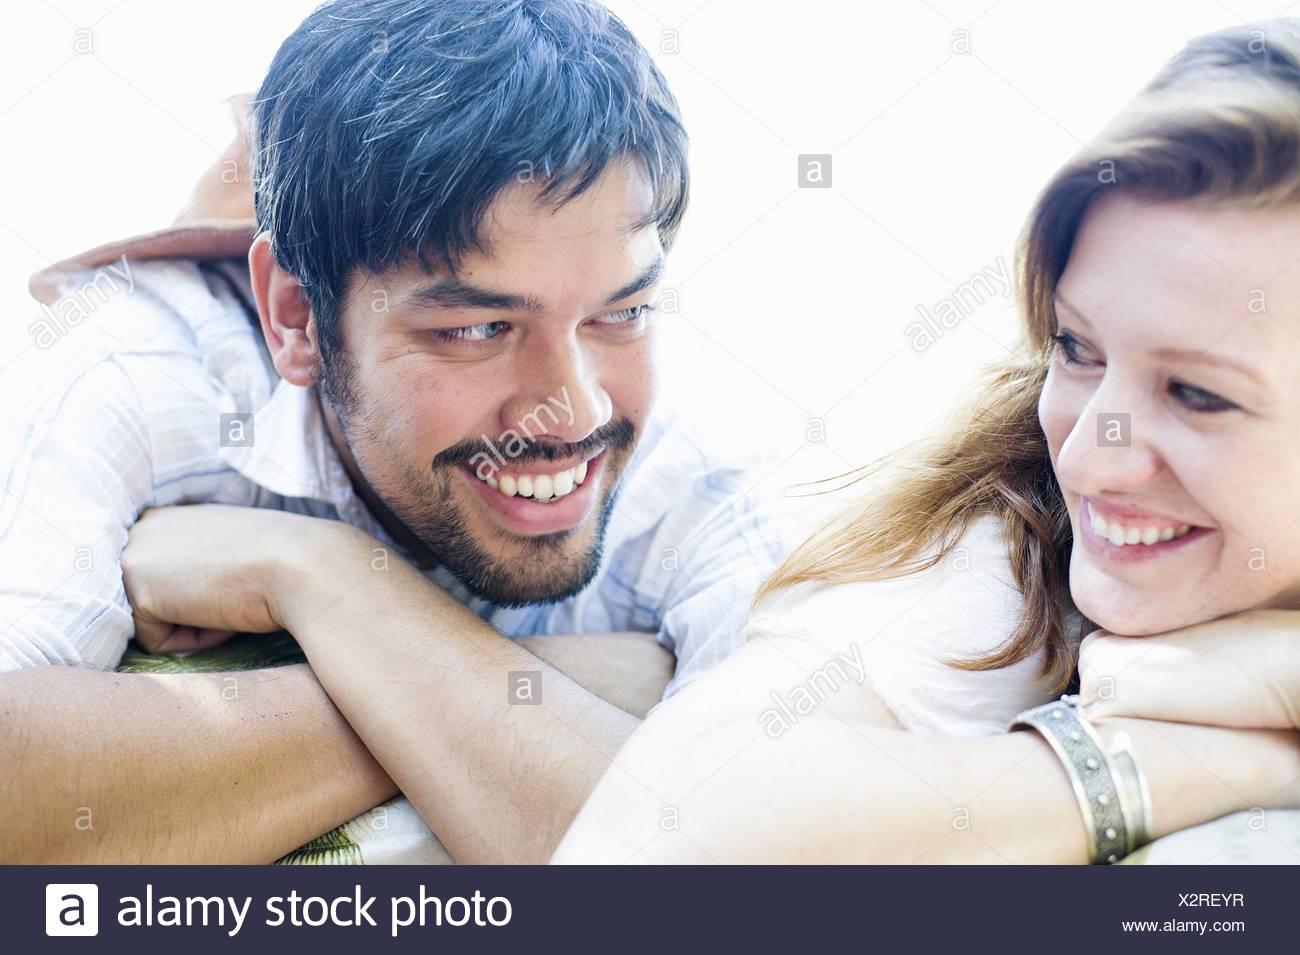 Close up portrait of happy couple le contact visuel Photo Stock